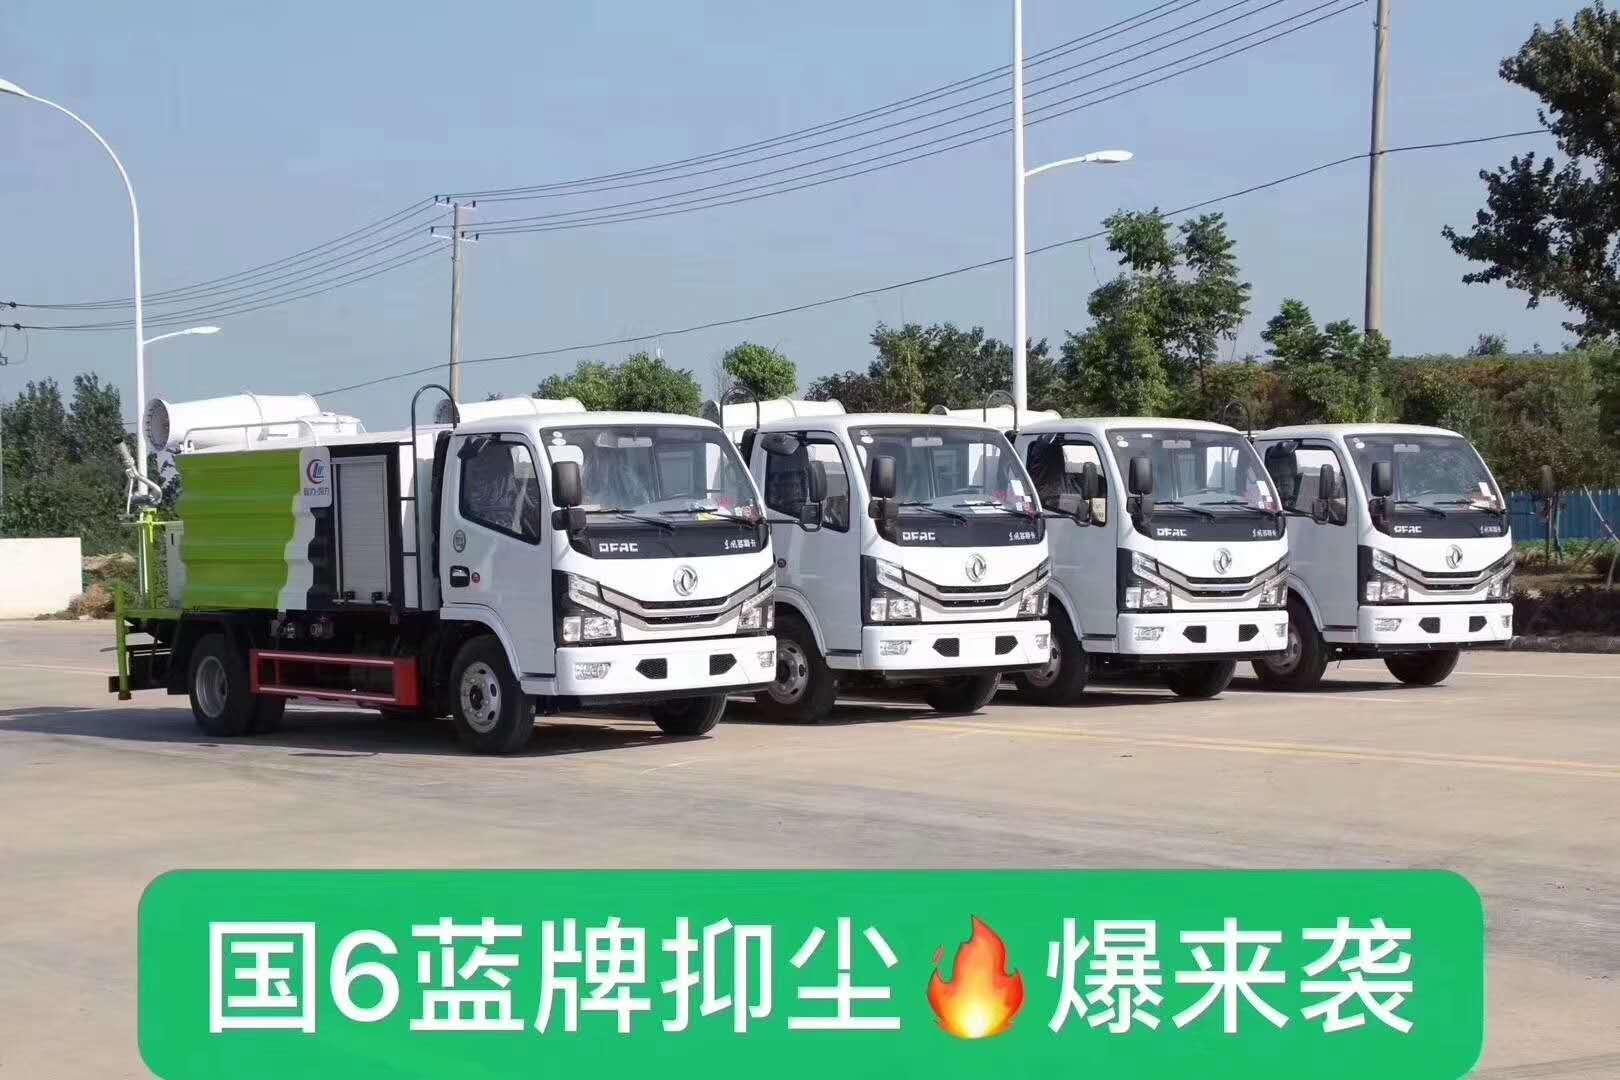 厂家订购-东风国六蓝牌抑尘车图片